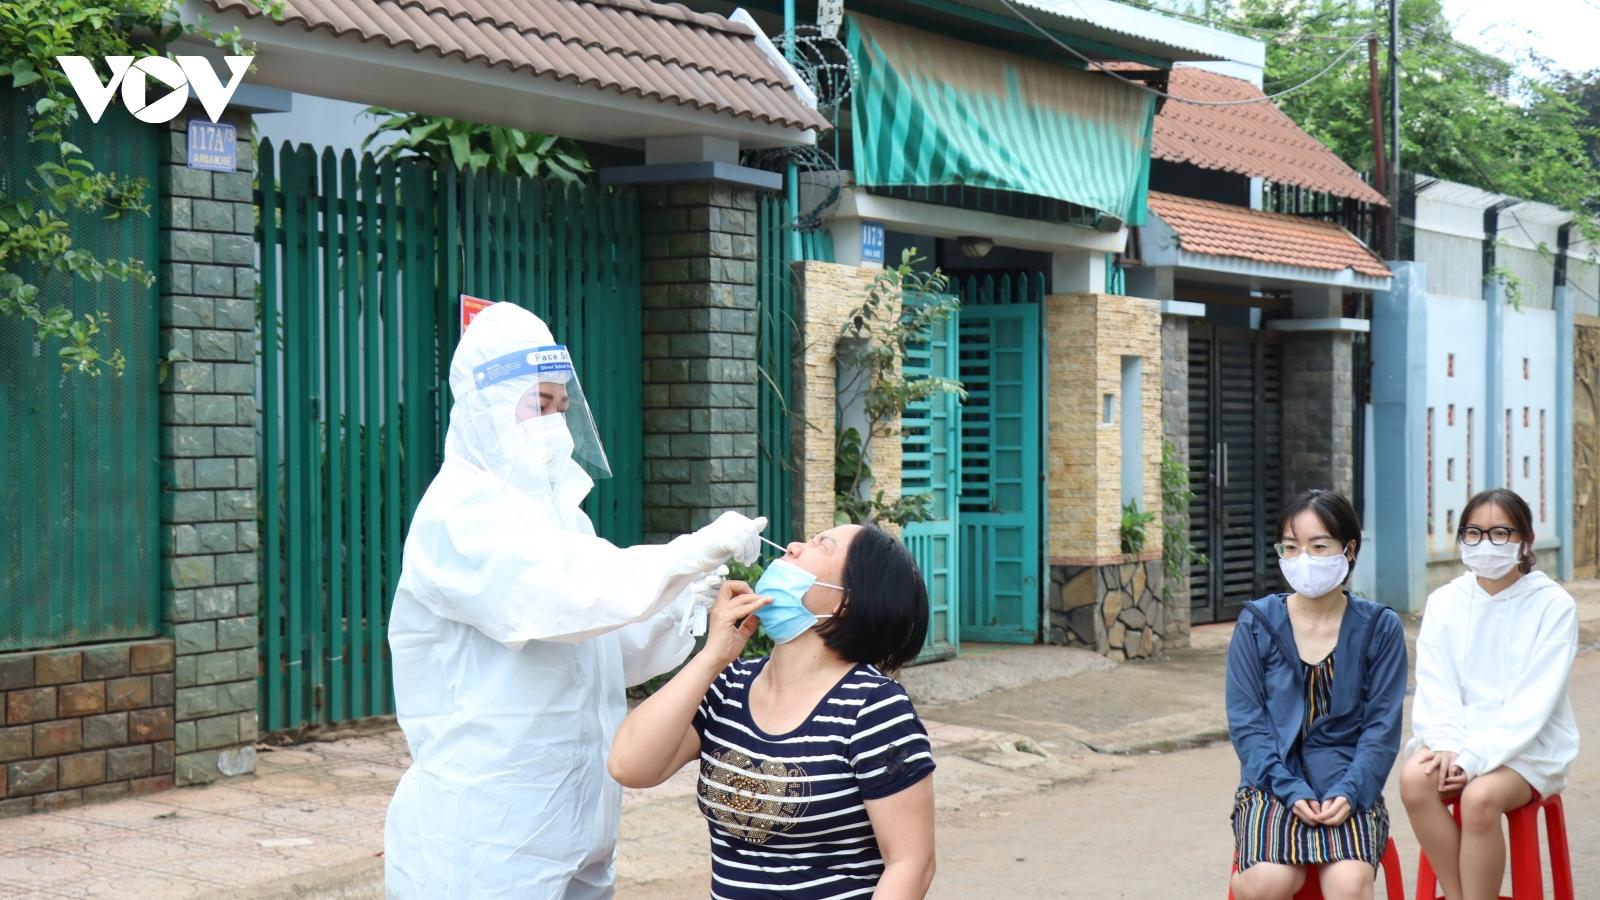 Đắk Lắk, Thanh Hóa tiếp tục phát hiện nhiều trường hợp mắc Covid-19